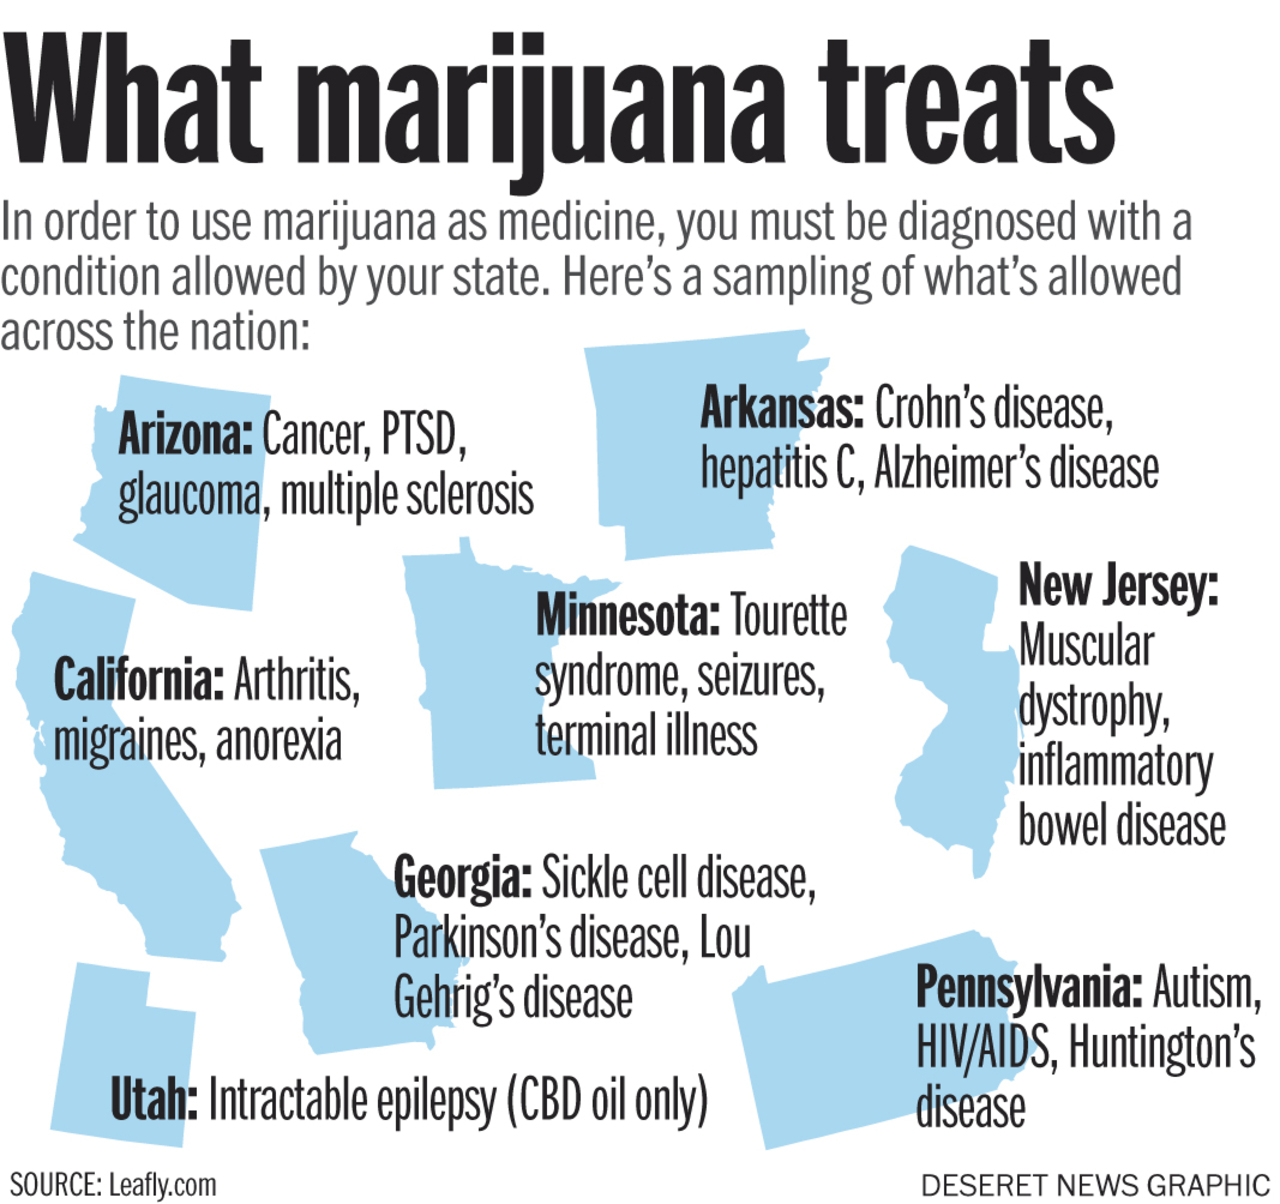 What Marijuana treats